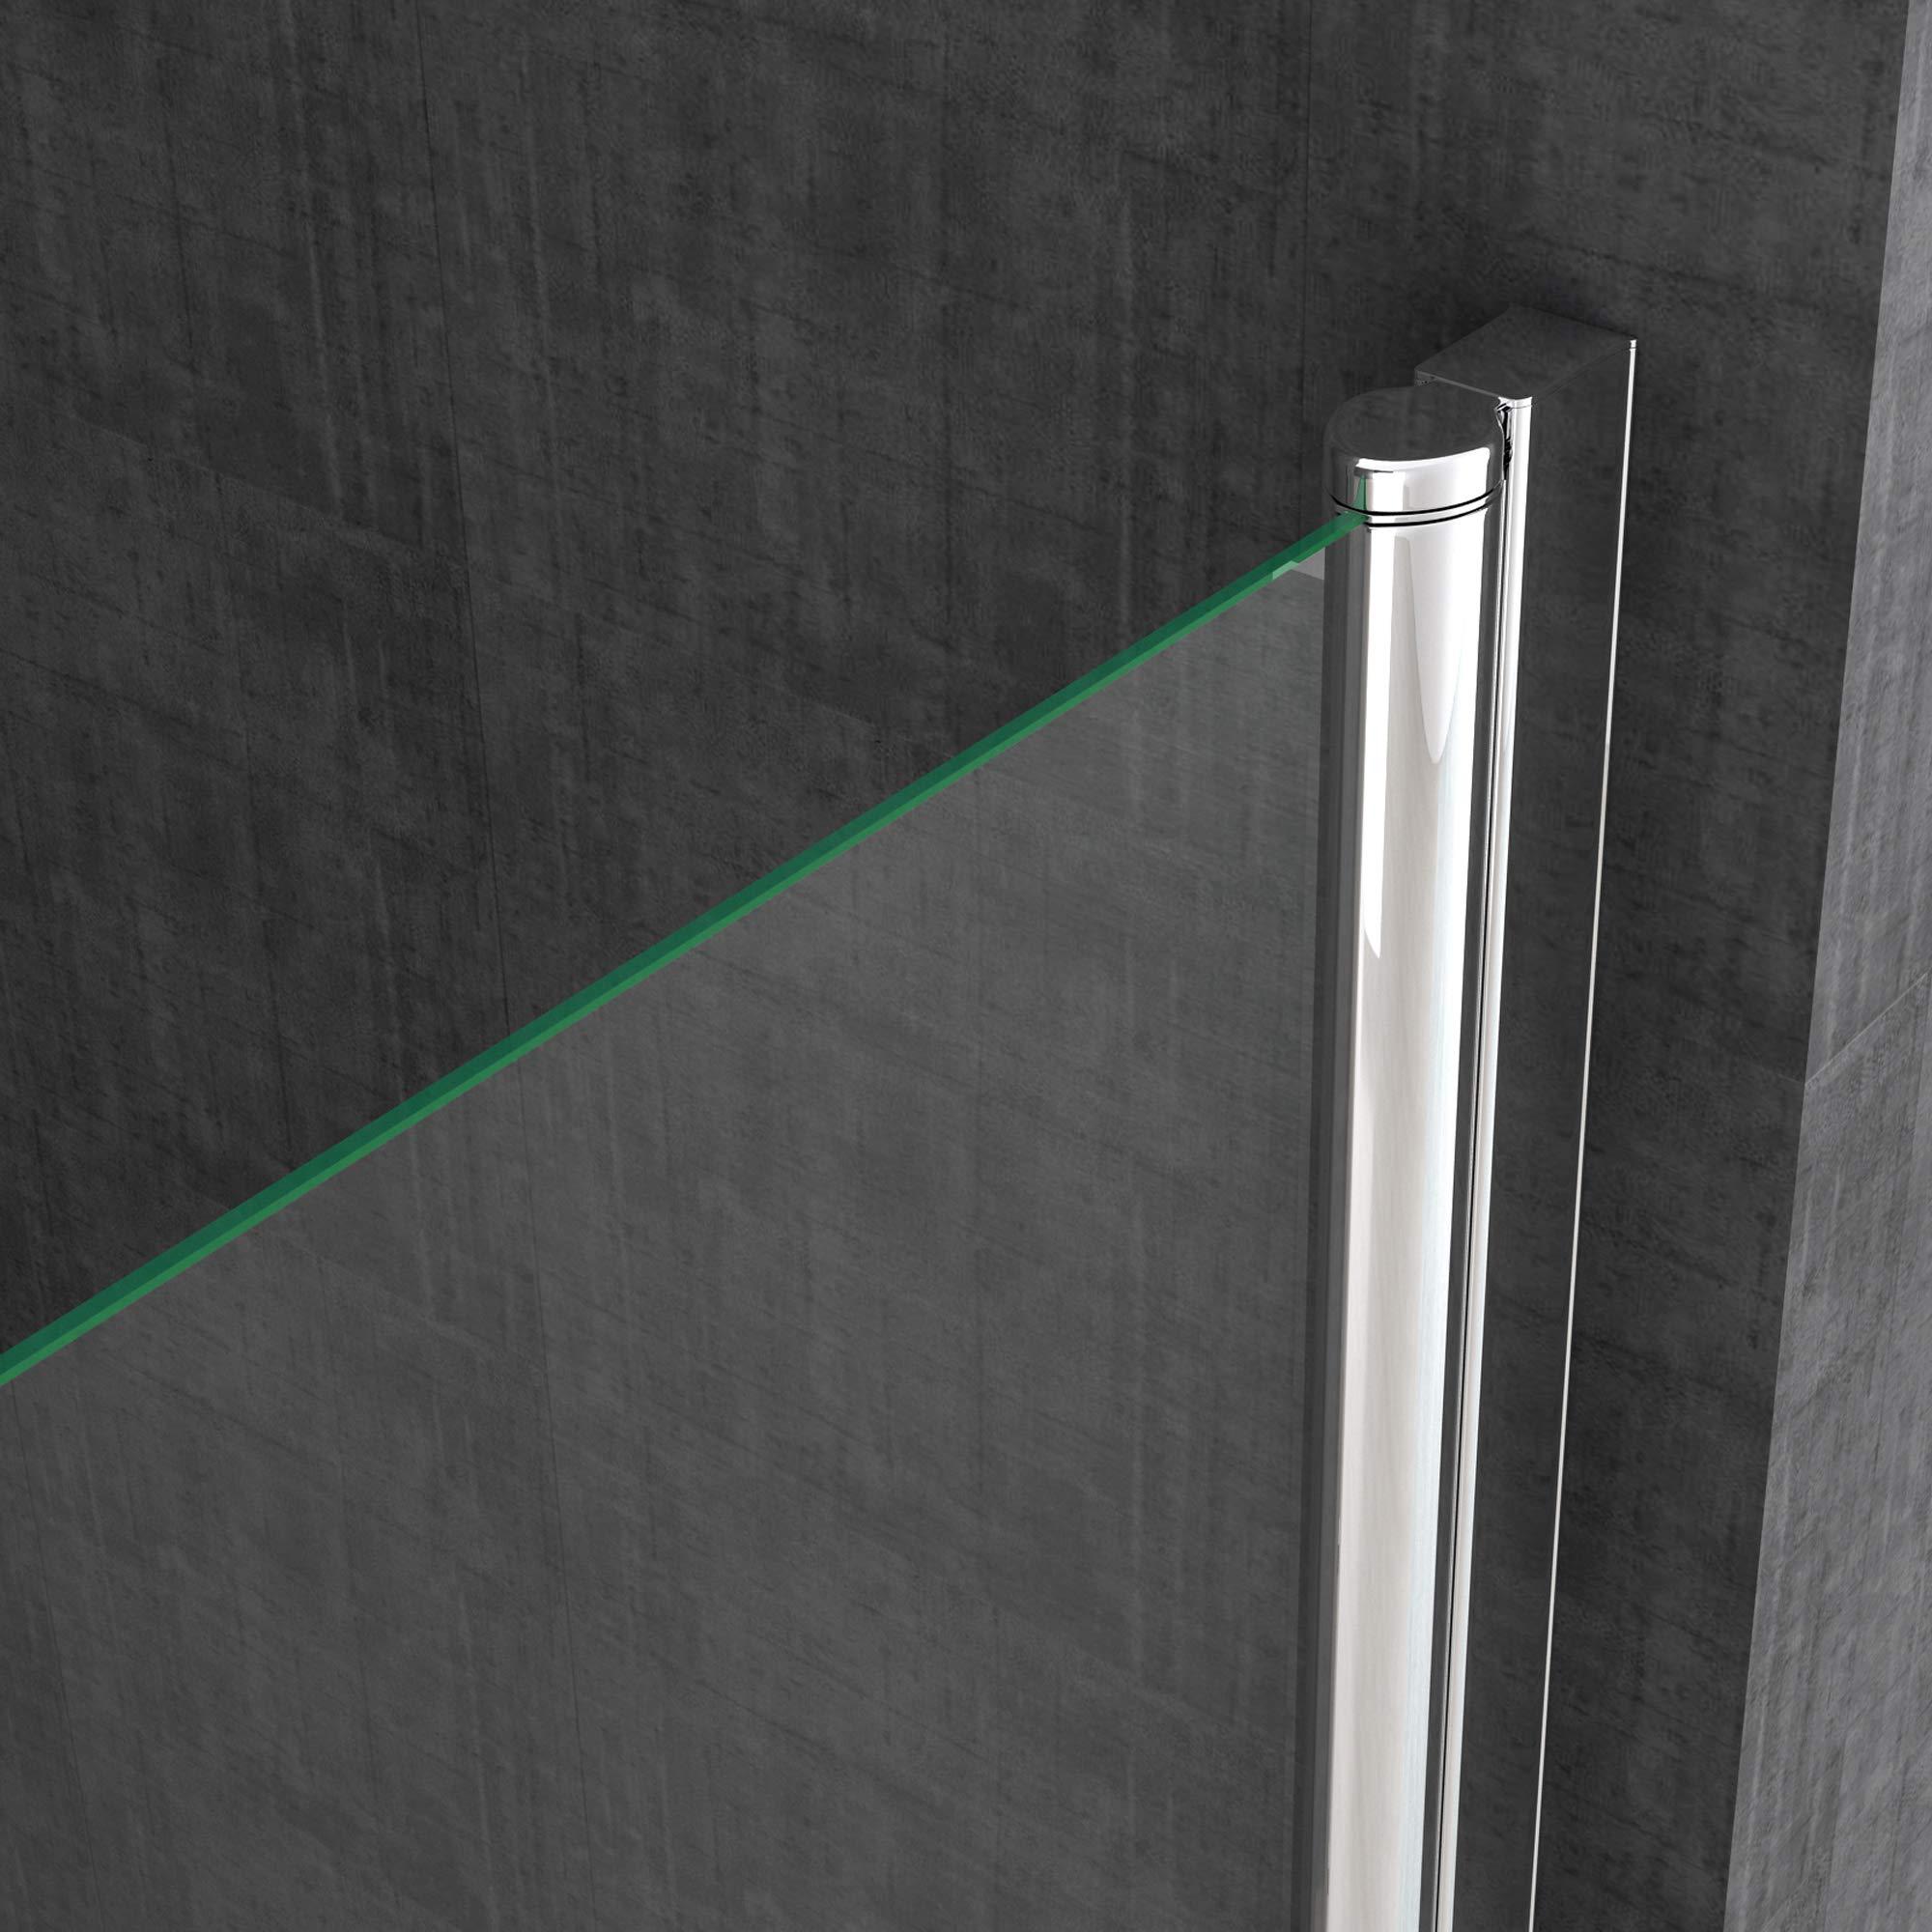 BTH: 70 x 85 x 190 cm Diseño Mampara ravenna22 con doble puerta oscilante, cristal de seguridad de 6 mm cristal transparente, incluye dos caras al nano-recubrimiento: Amazon.es: Bricolaje y herramientas